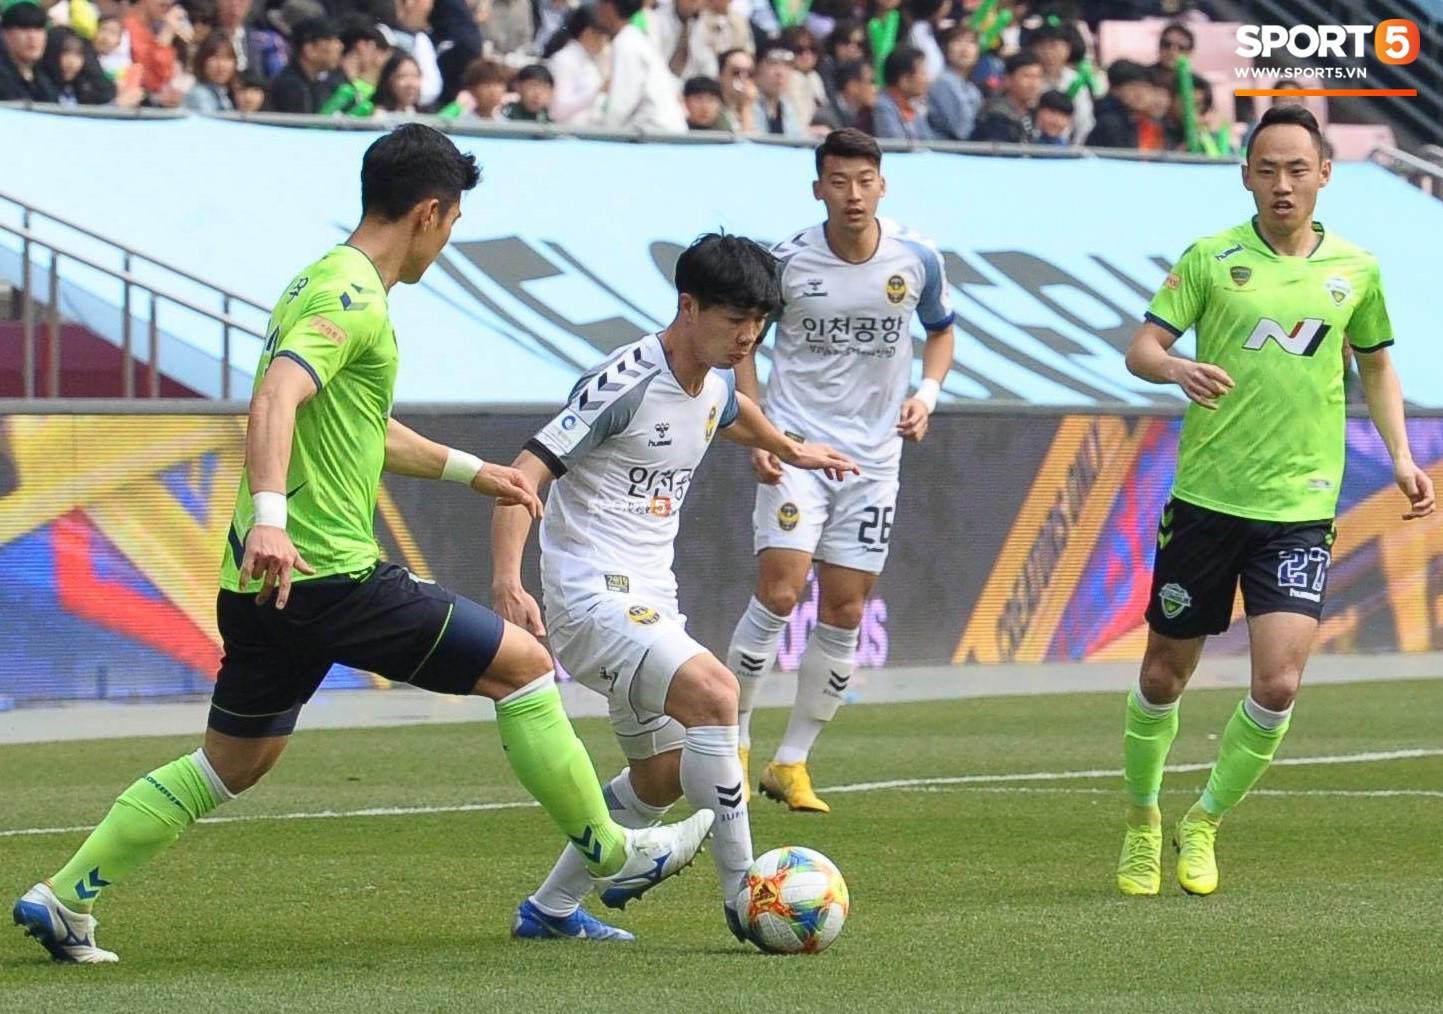 Fan Công Phượng hãy bình tĩnh, Incheon United khởi đầu bết bát là... chuyện bình thường-2